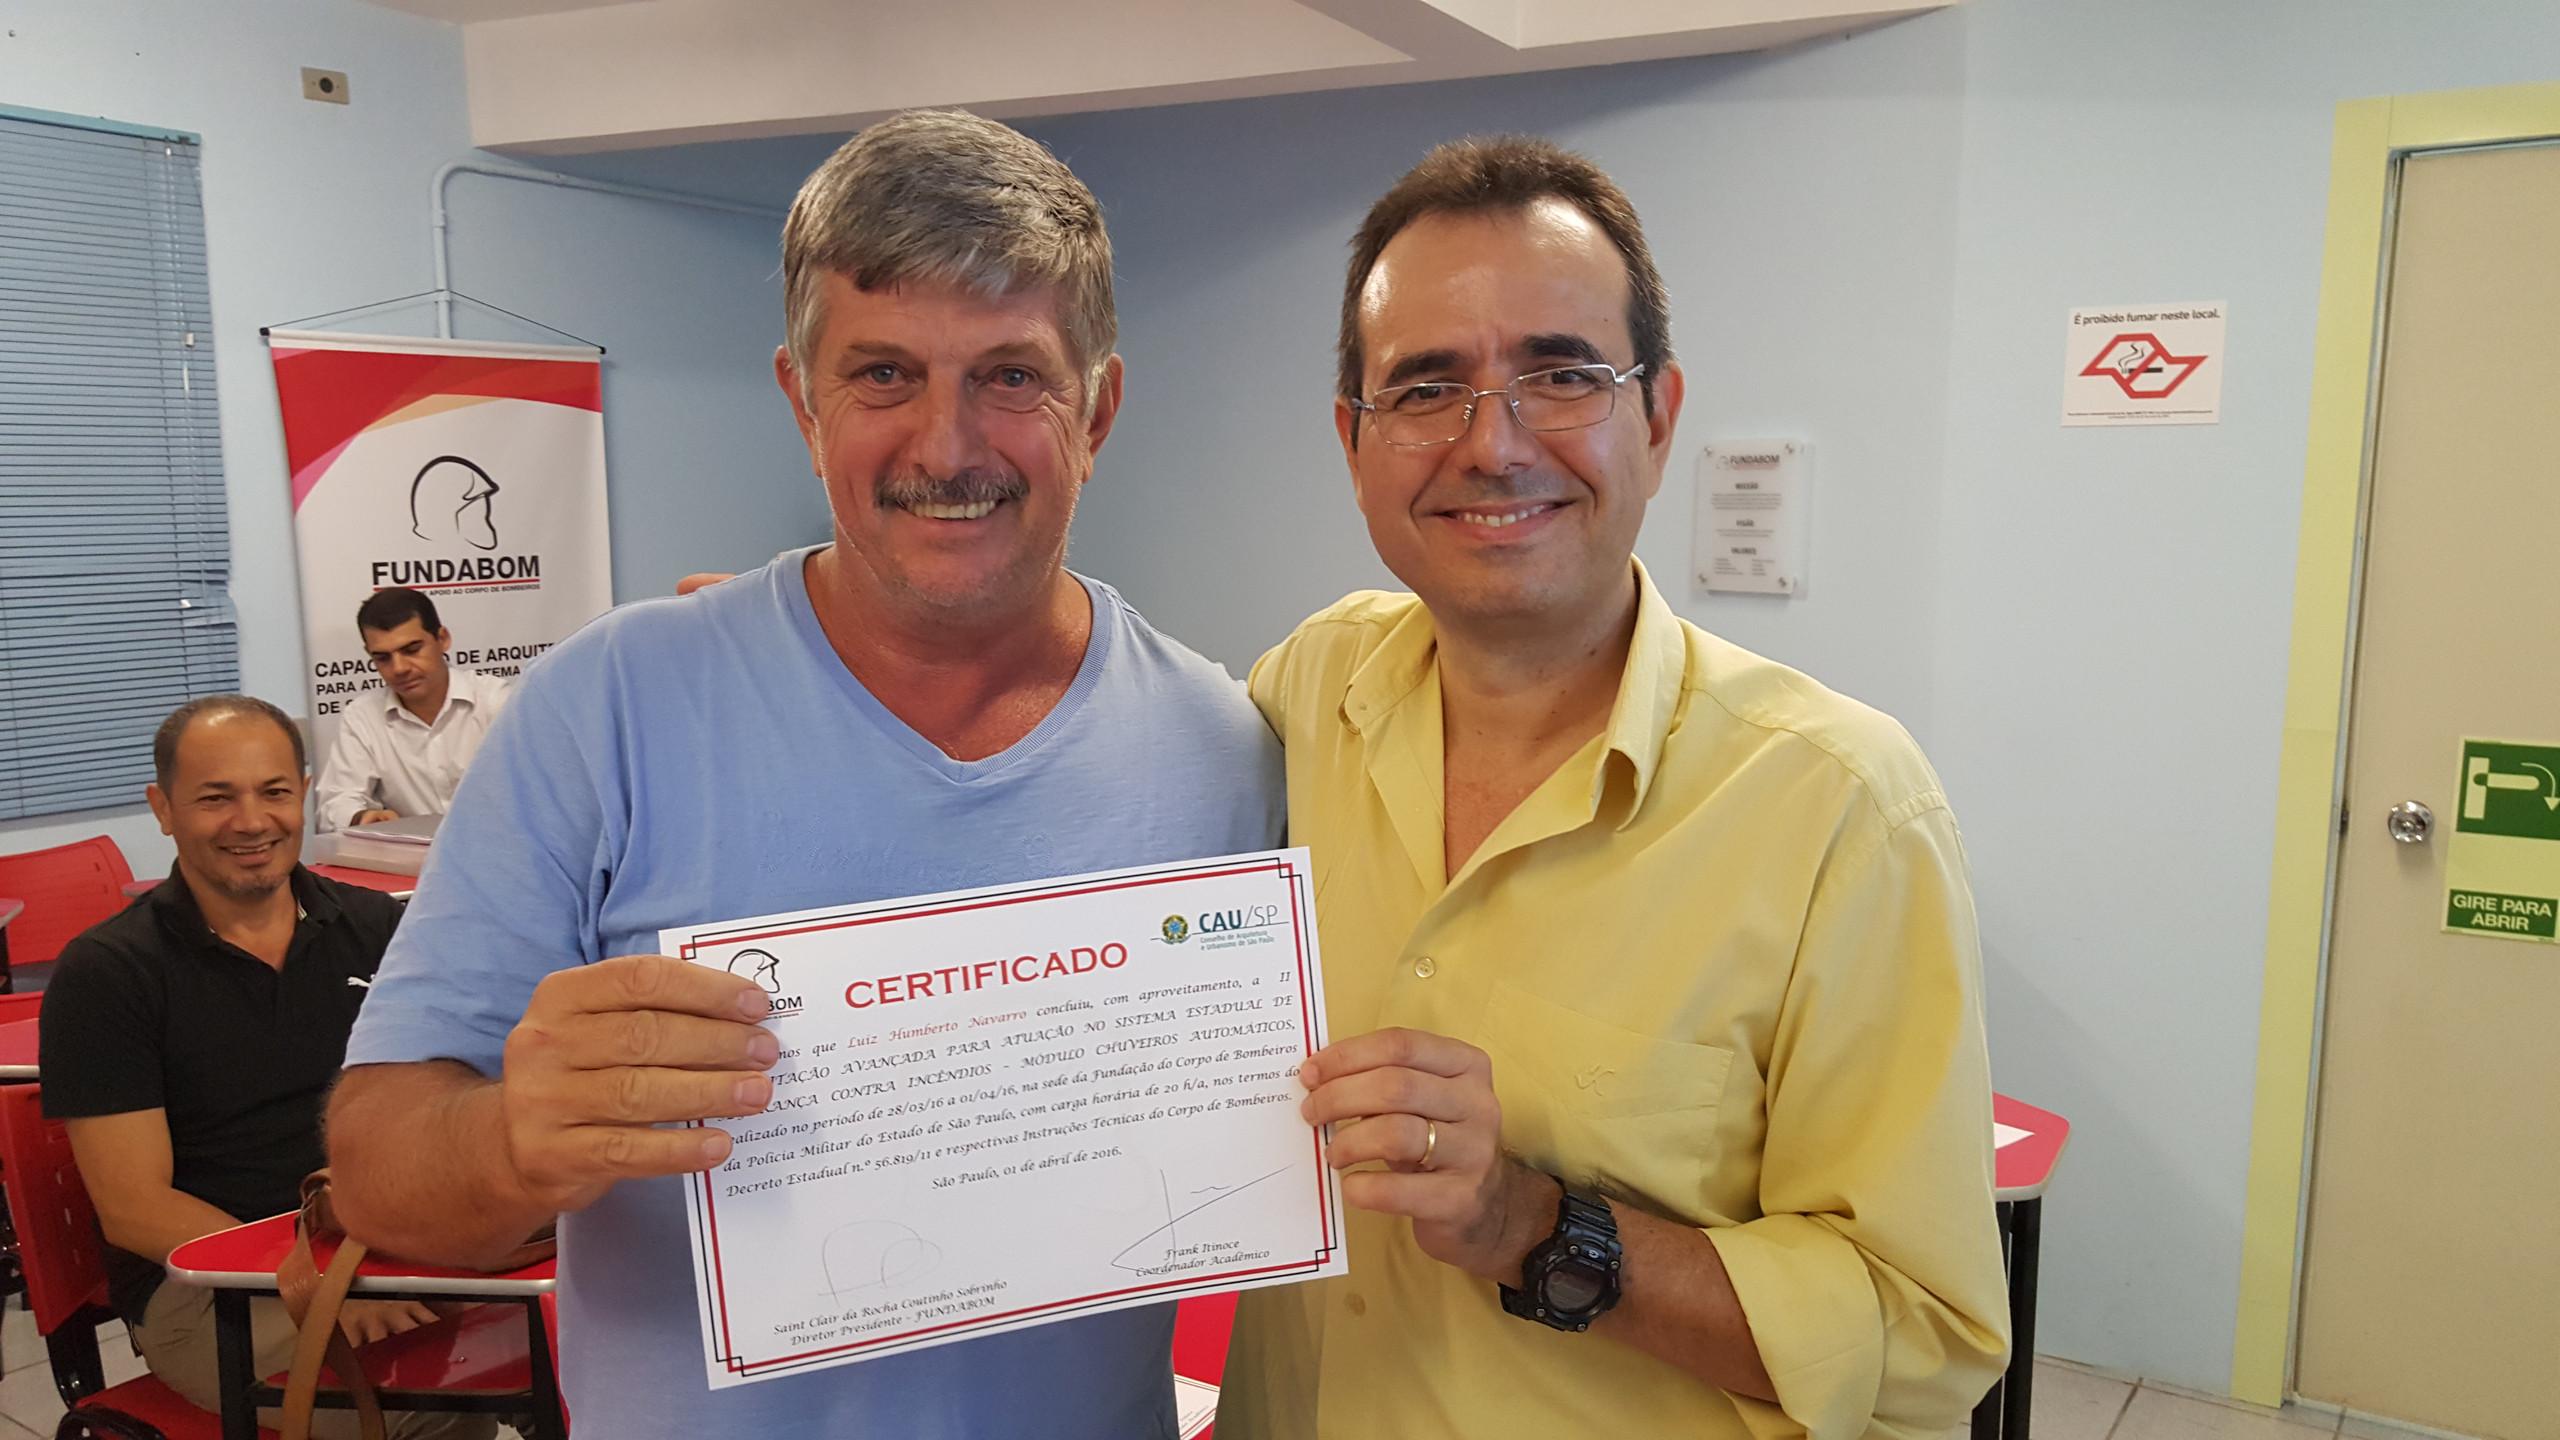 Entrega de Diploma ao Cel Navarro